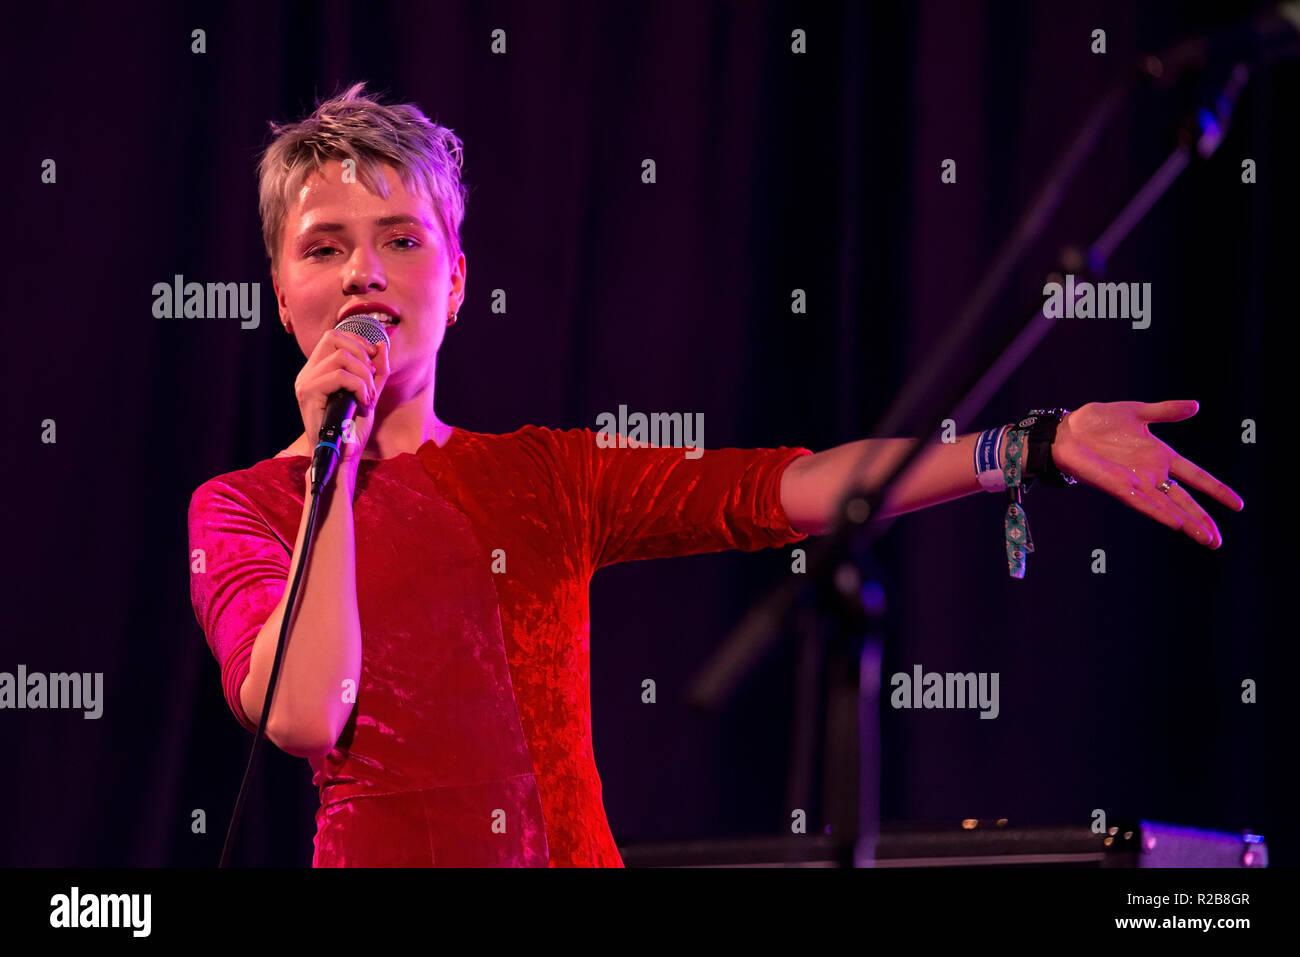 Barcellona - Jun 15: rosa decisivo (BAND) eseguire in un concerto al Sonar Festival il 15 giugno 2018 a Barcellona, Spagna. Immagini Stock